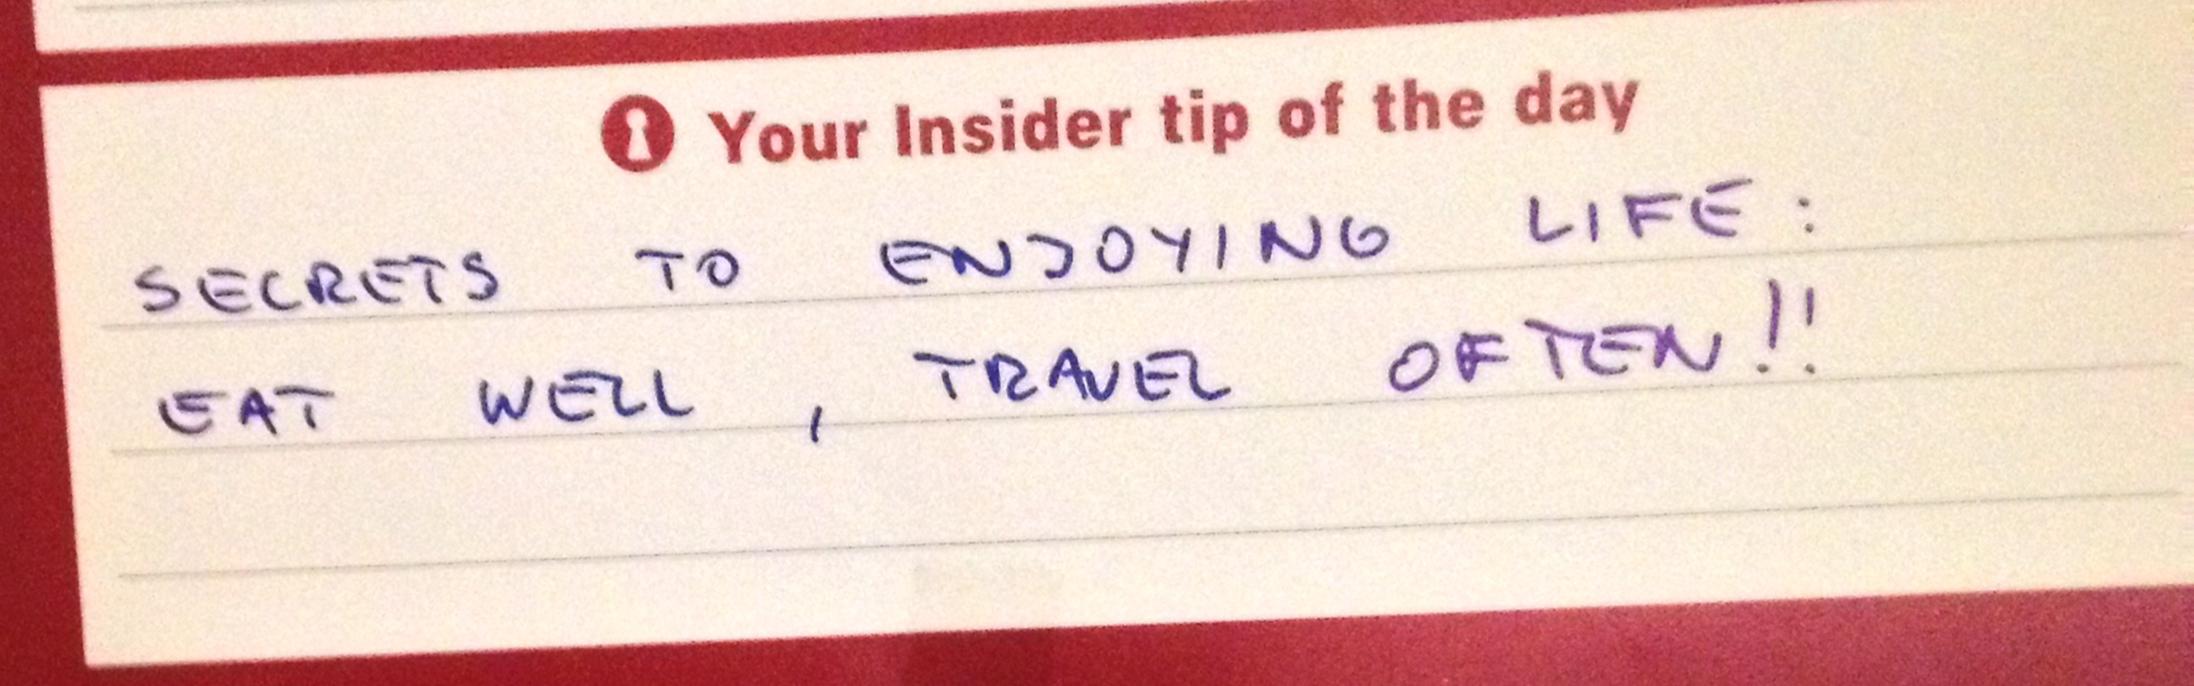 A final travel tip from Muris.